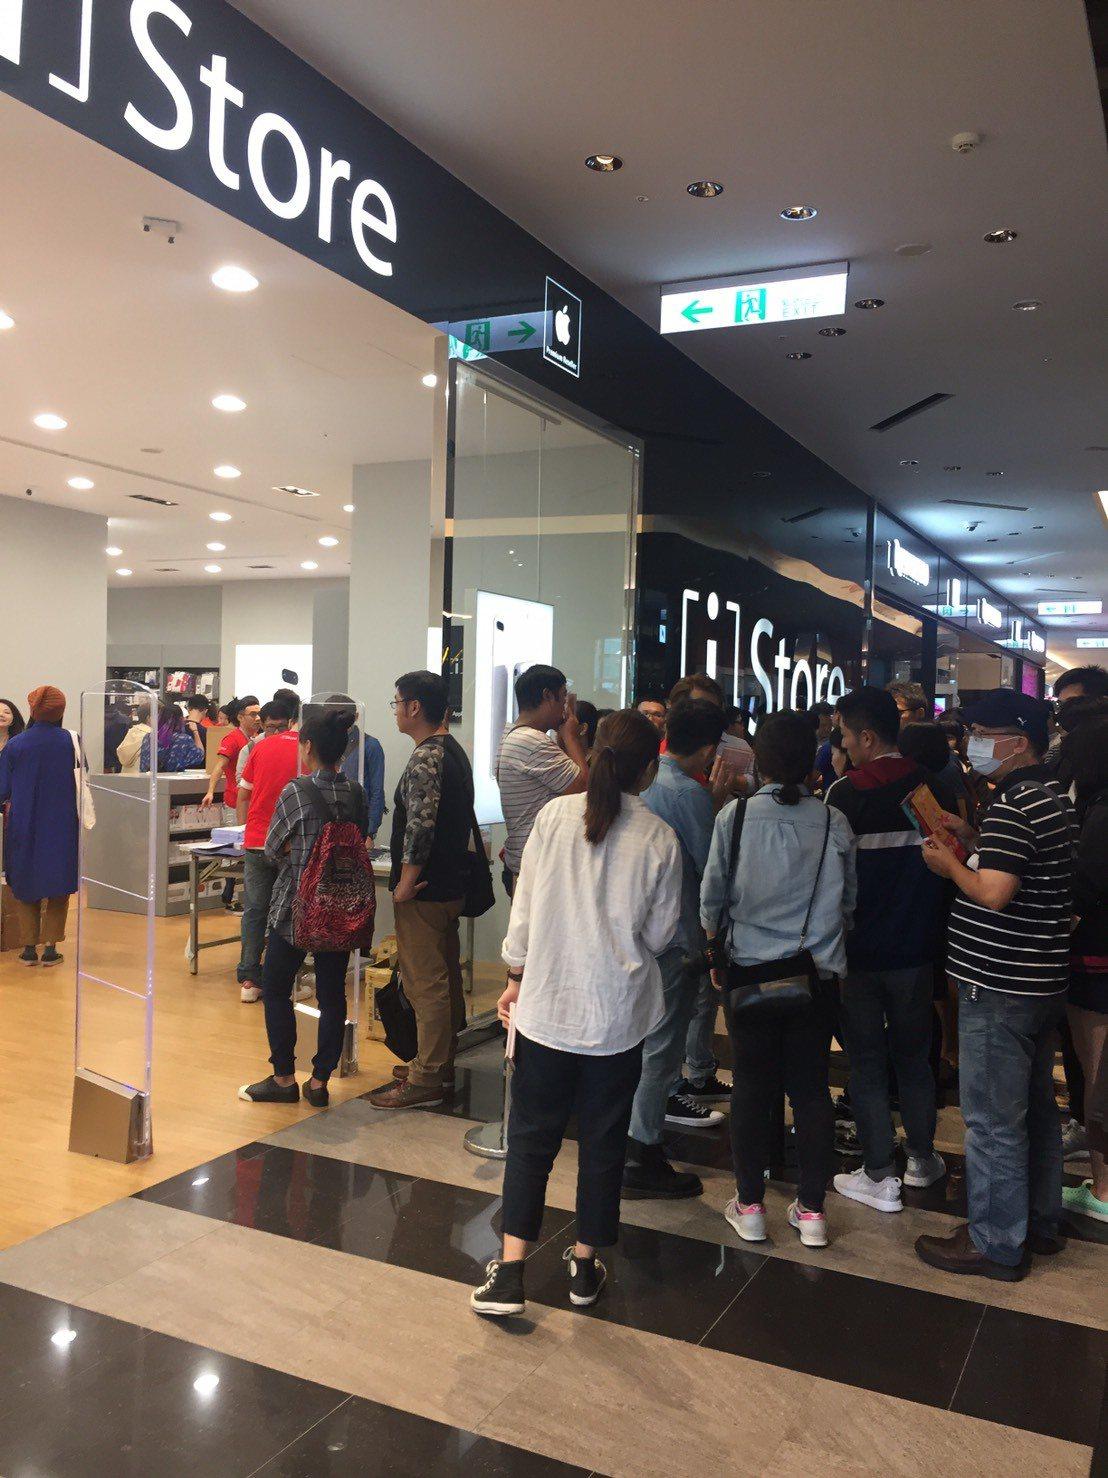 新光三越台北信義店iStore店門前的排隊民眾。圖/新光三越提供